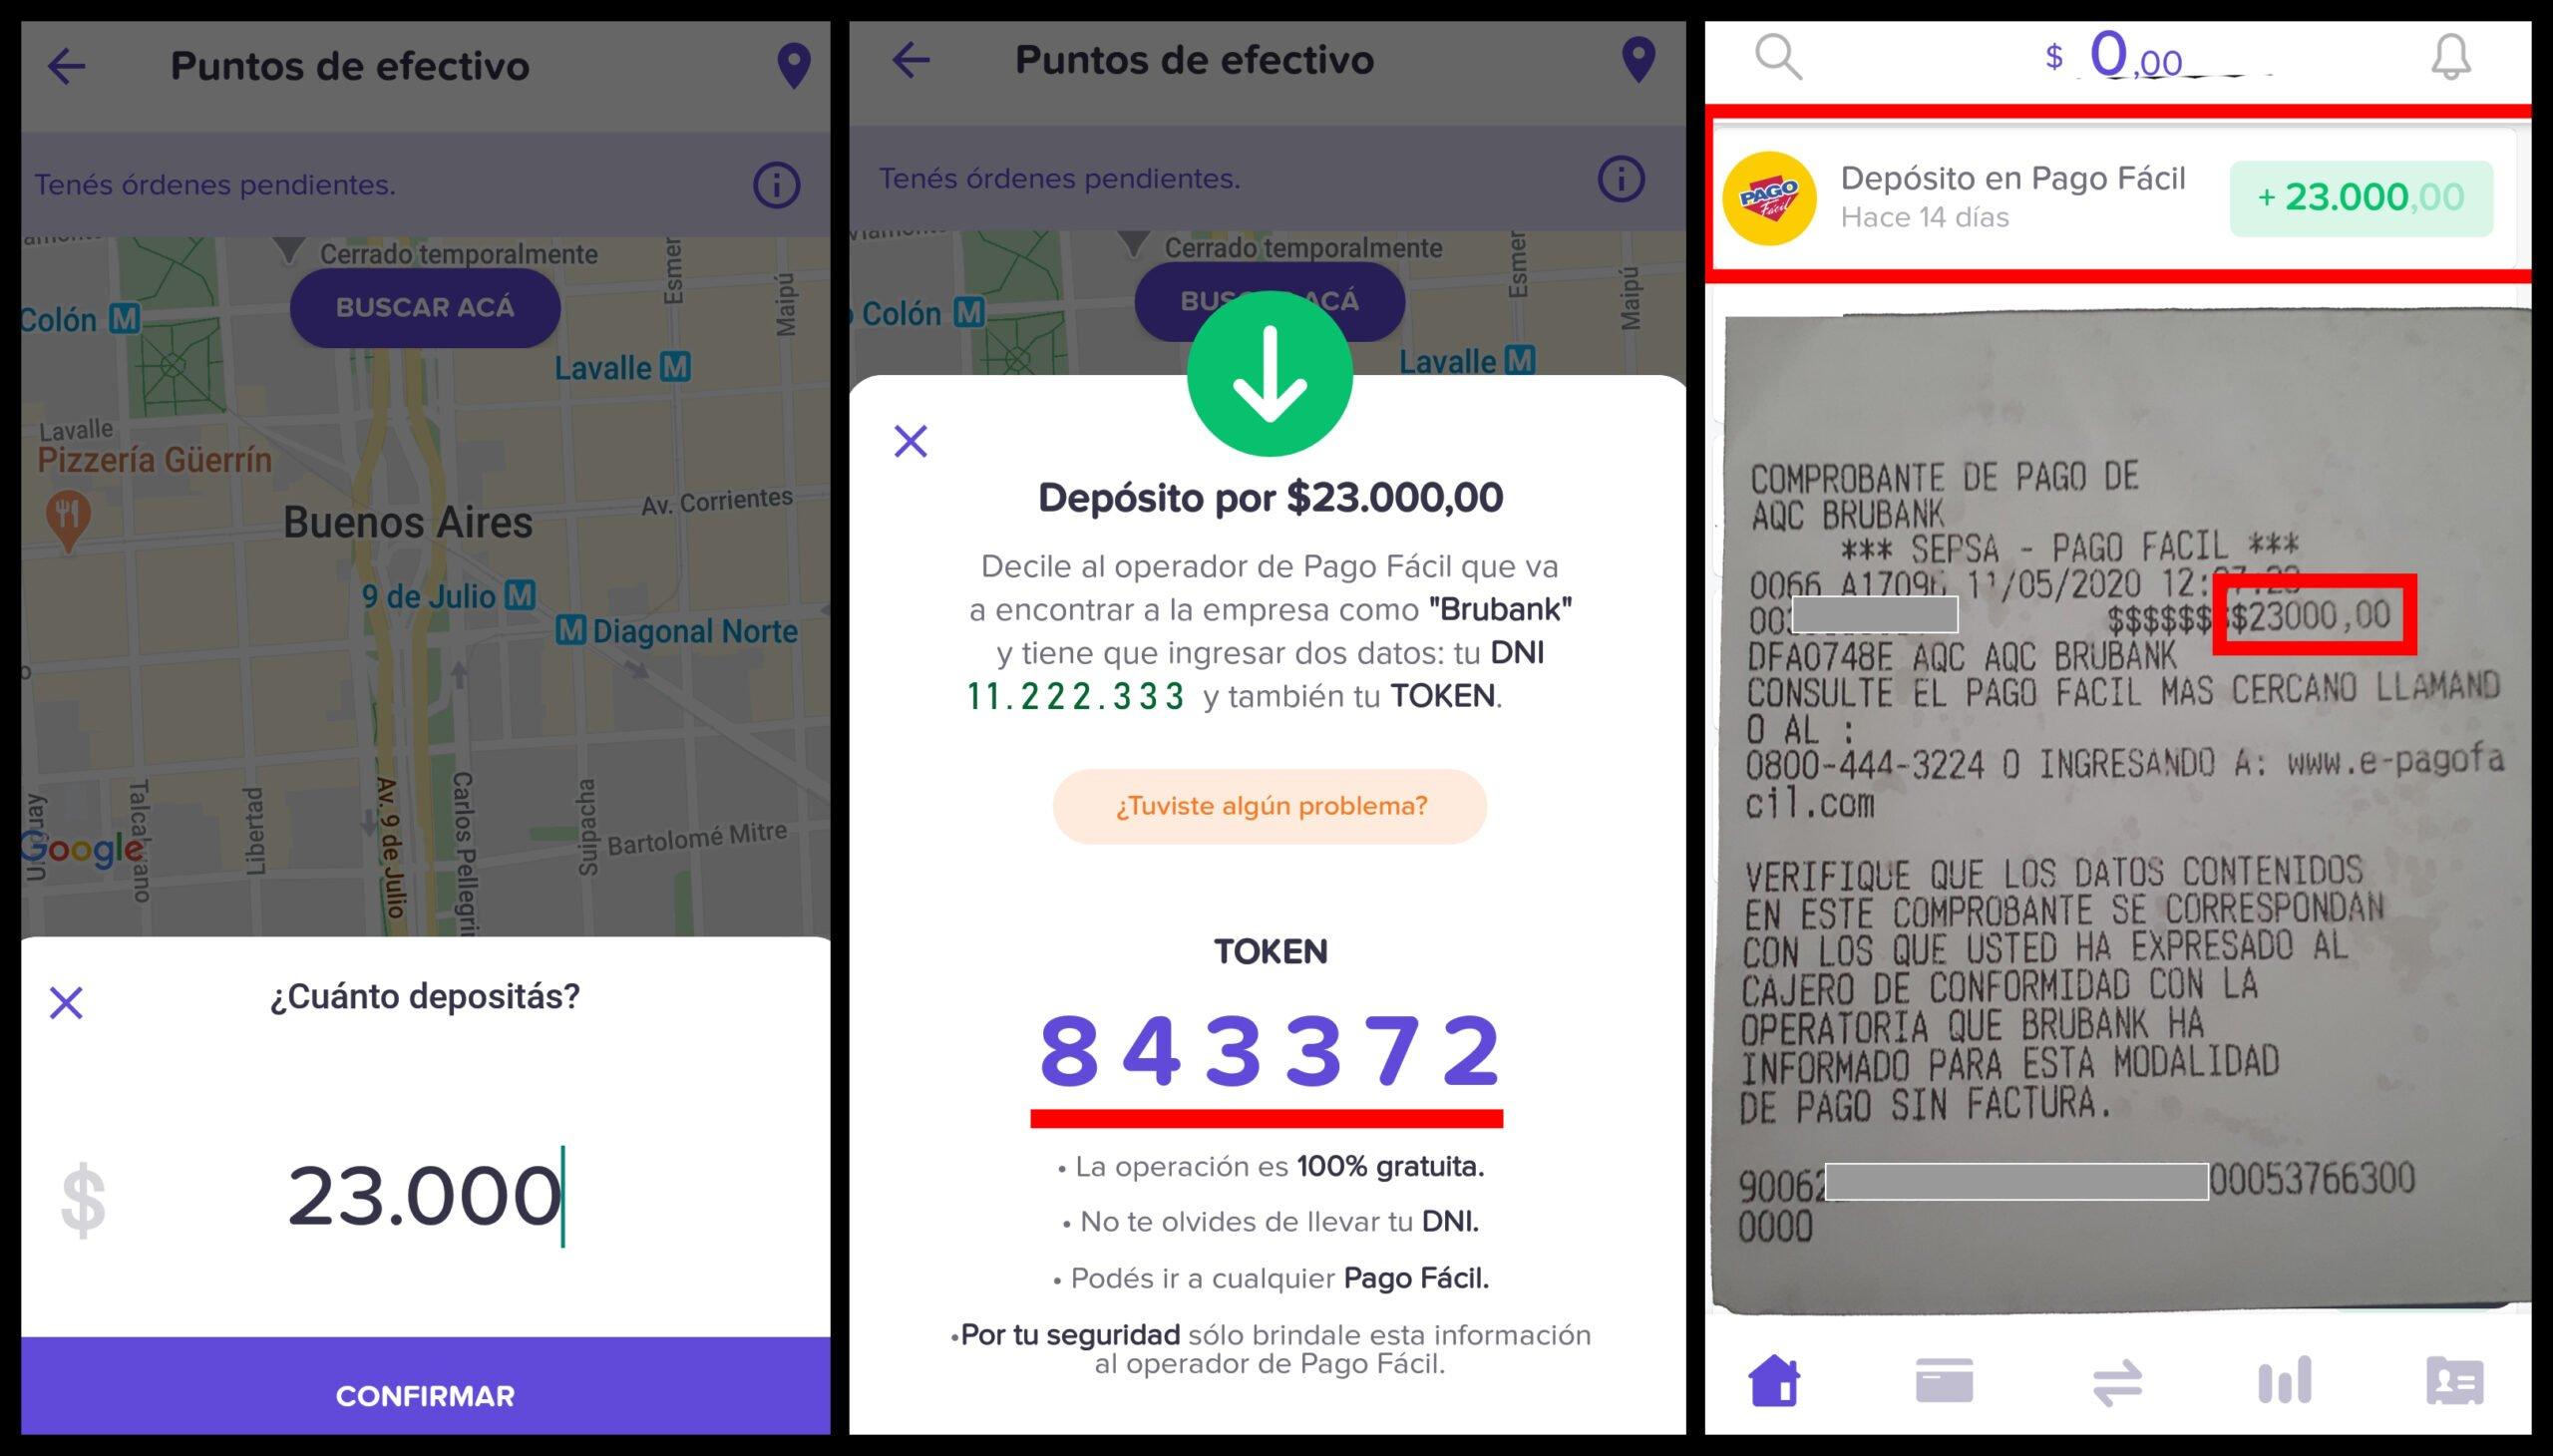 como depositar dinero en Brubank con Pago Fácil tutorial